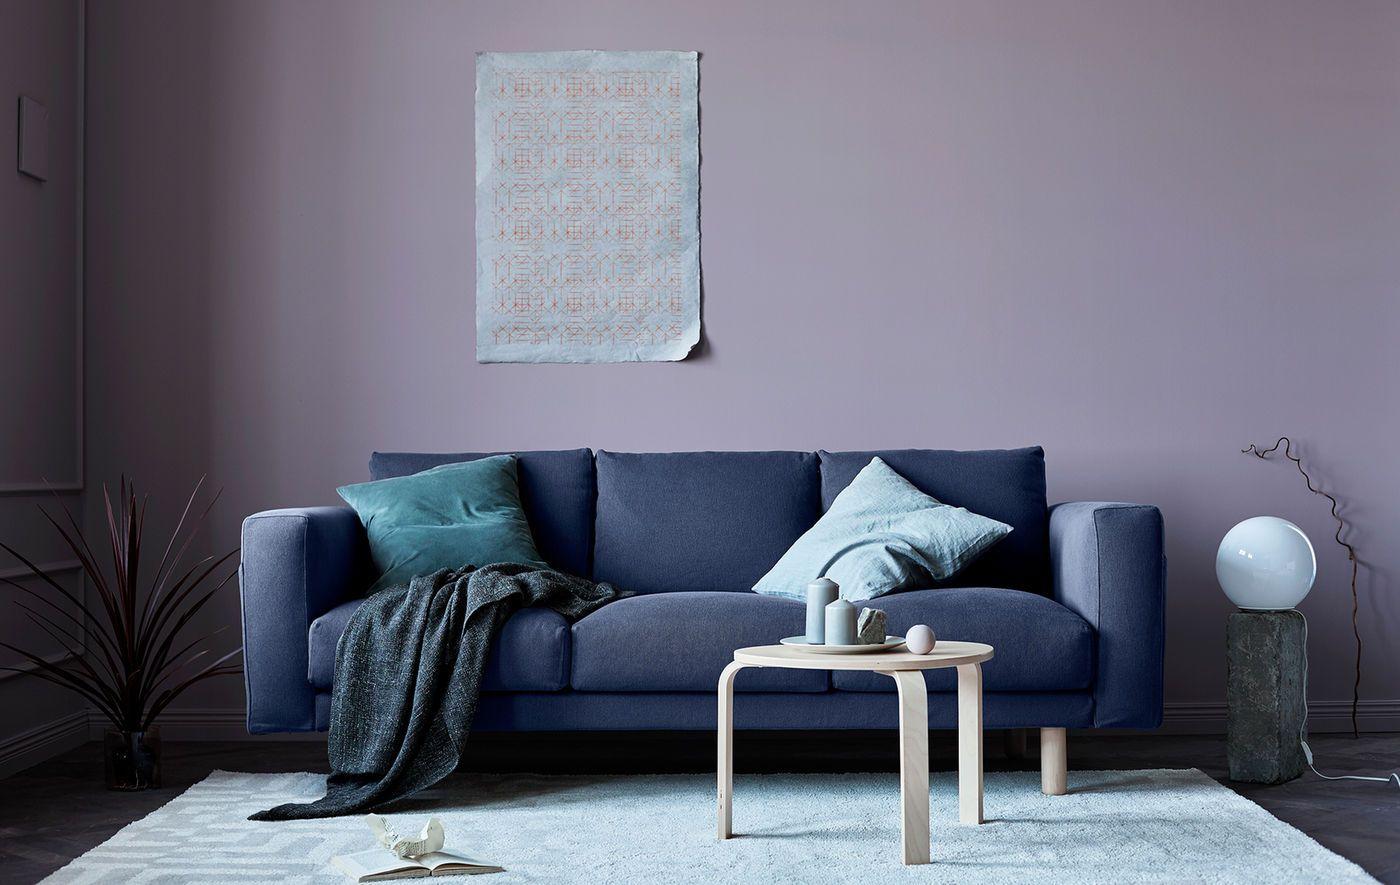 Explore Ikea Interior Interior Design and more